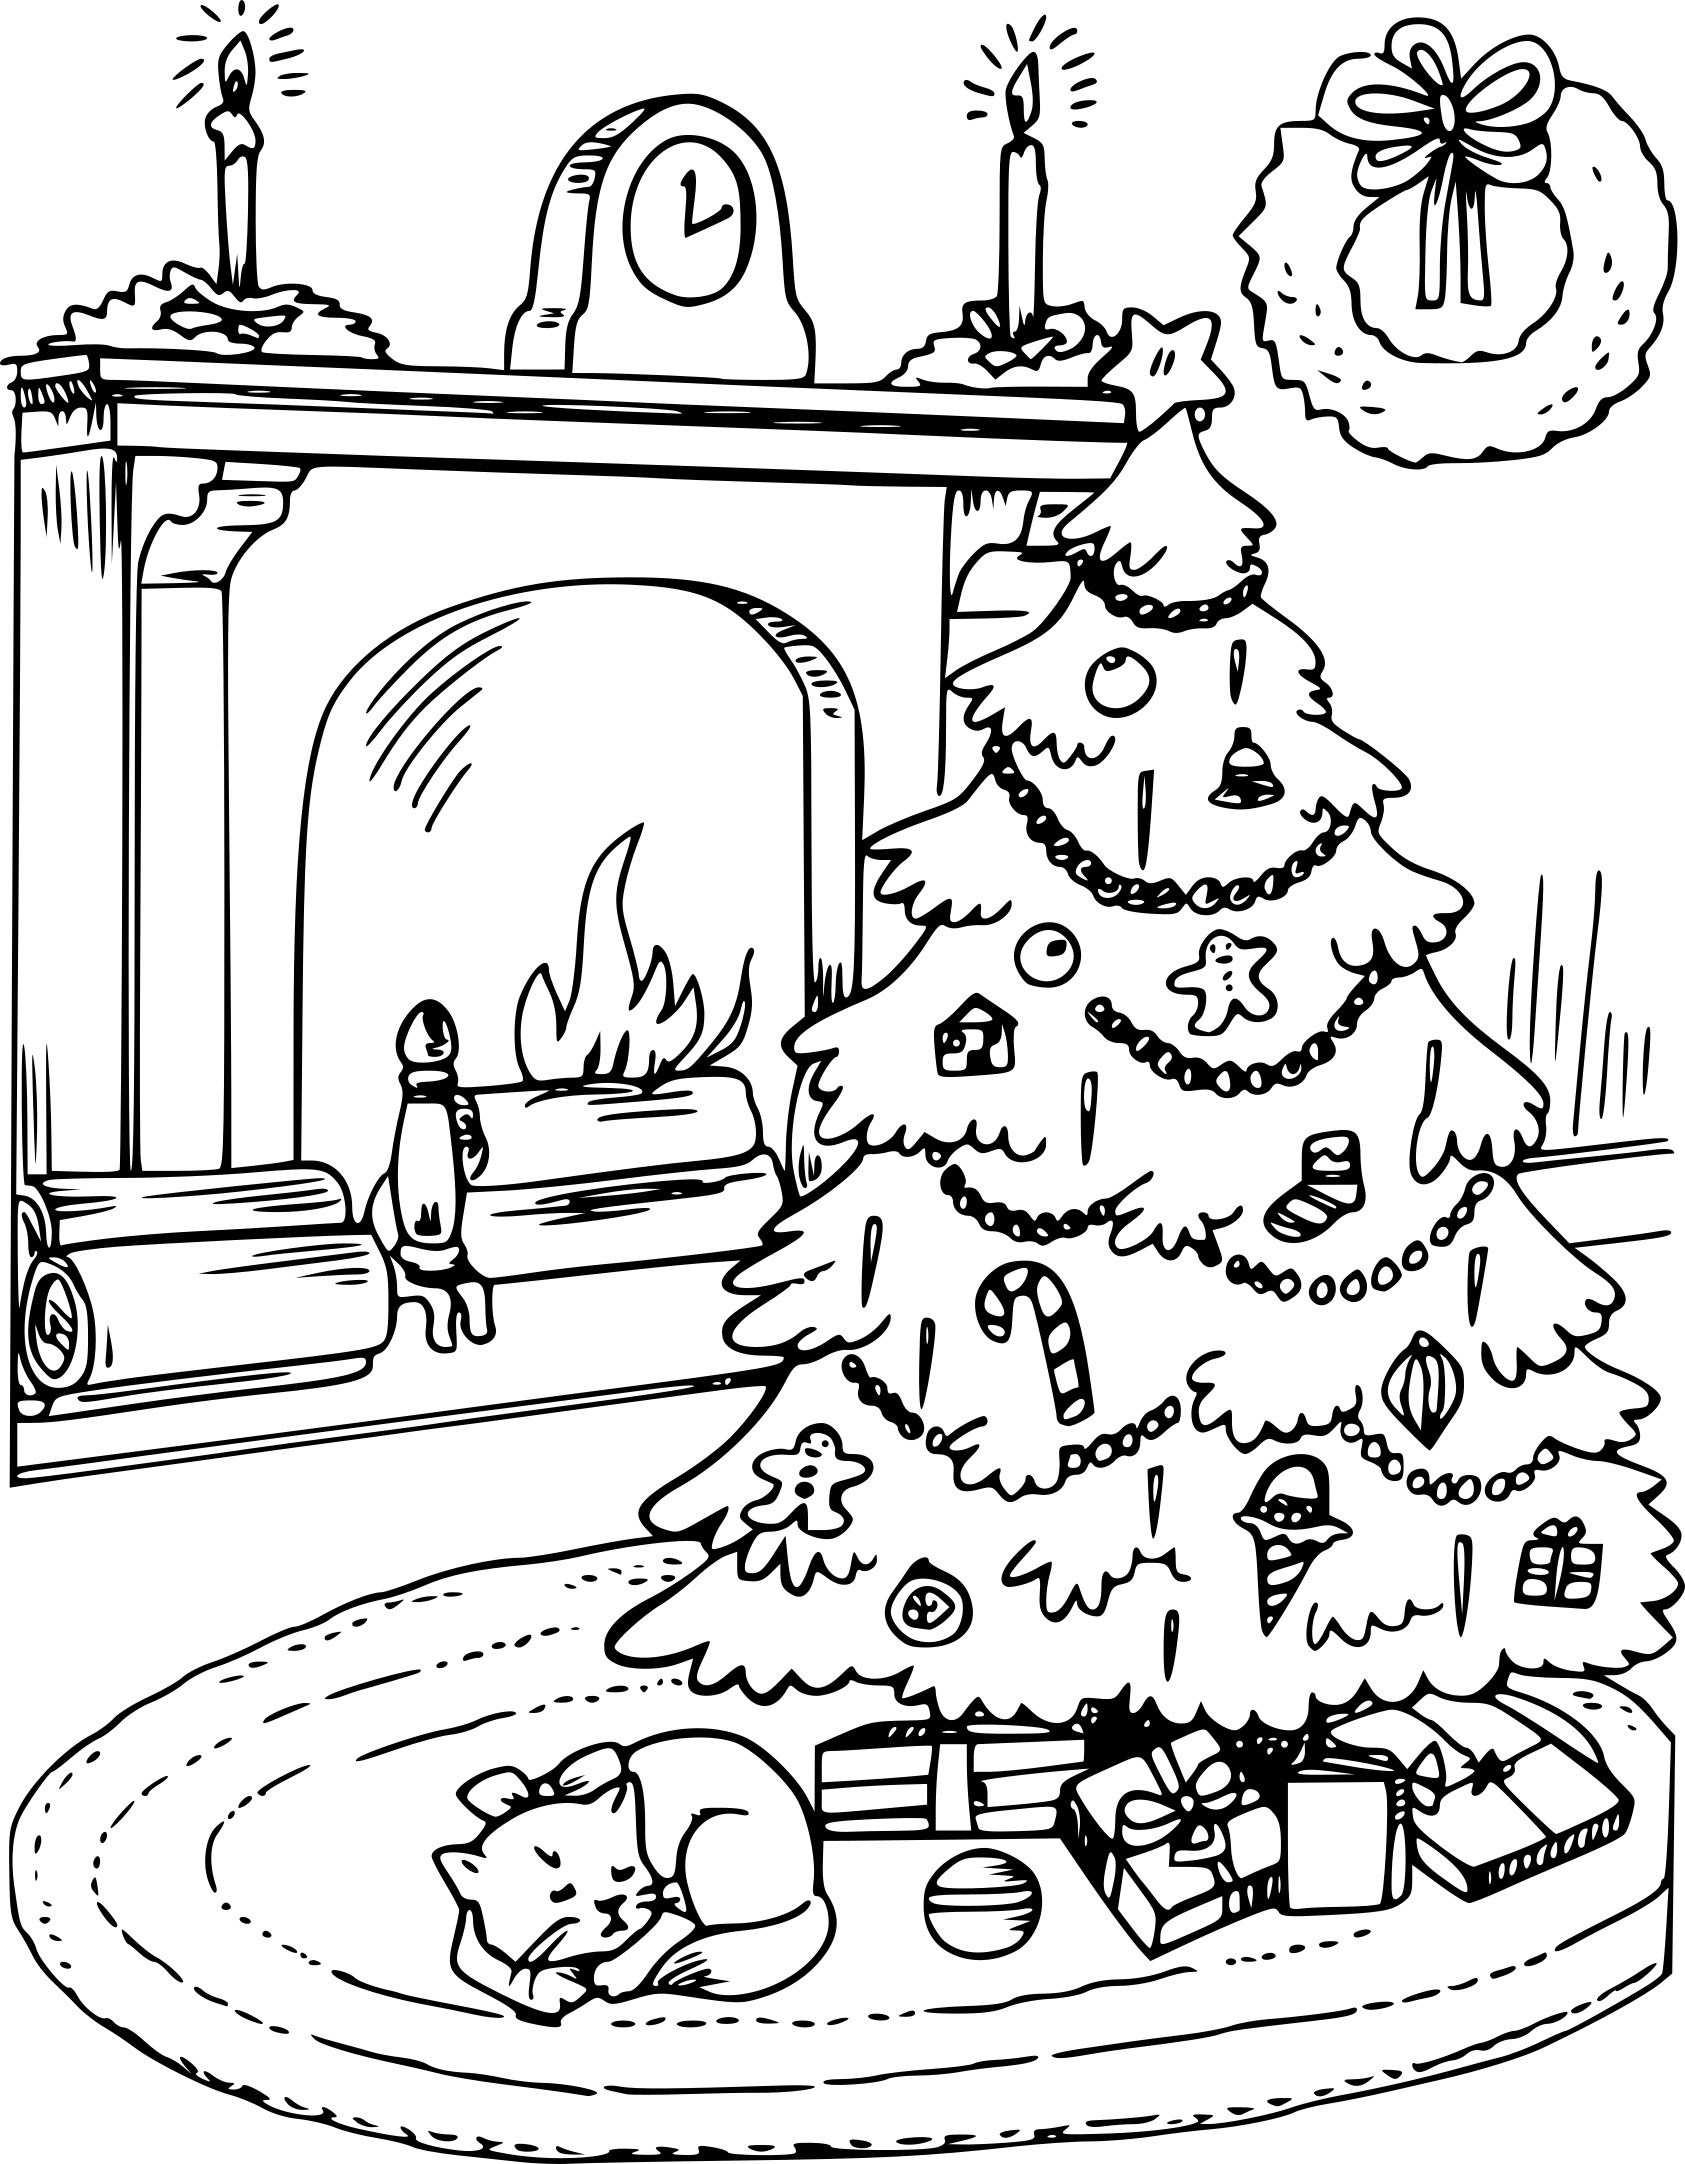 Coloriage Sapin De Noel À Imprimer 9186 Sapin Noel Etoile encequiconcerne Coloriage De Sapin De Noel A Imprimer Gratuit